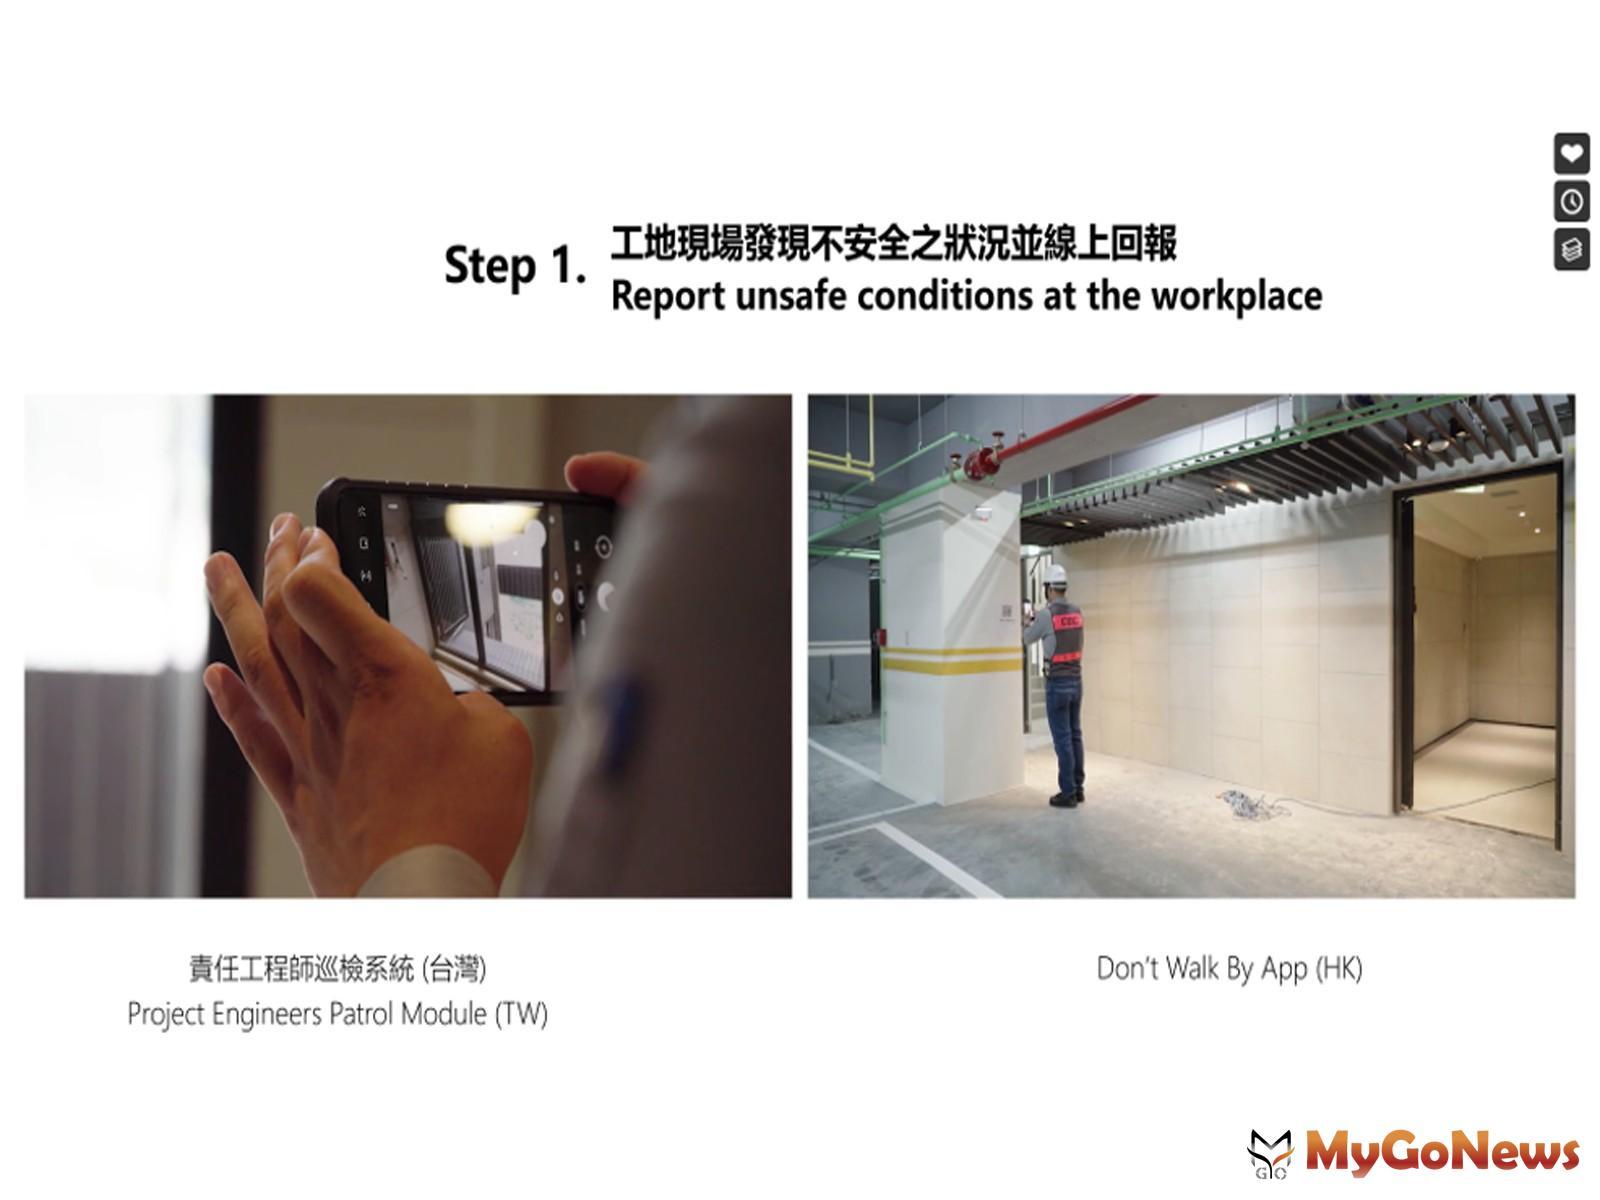 工程師巡檢系統(圖/大陸工程) MyGoNews房地產新聞 市場快訊